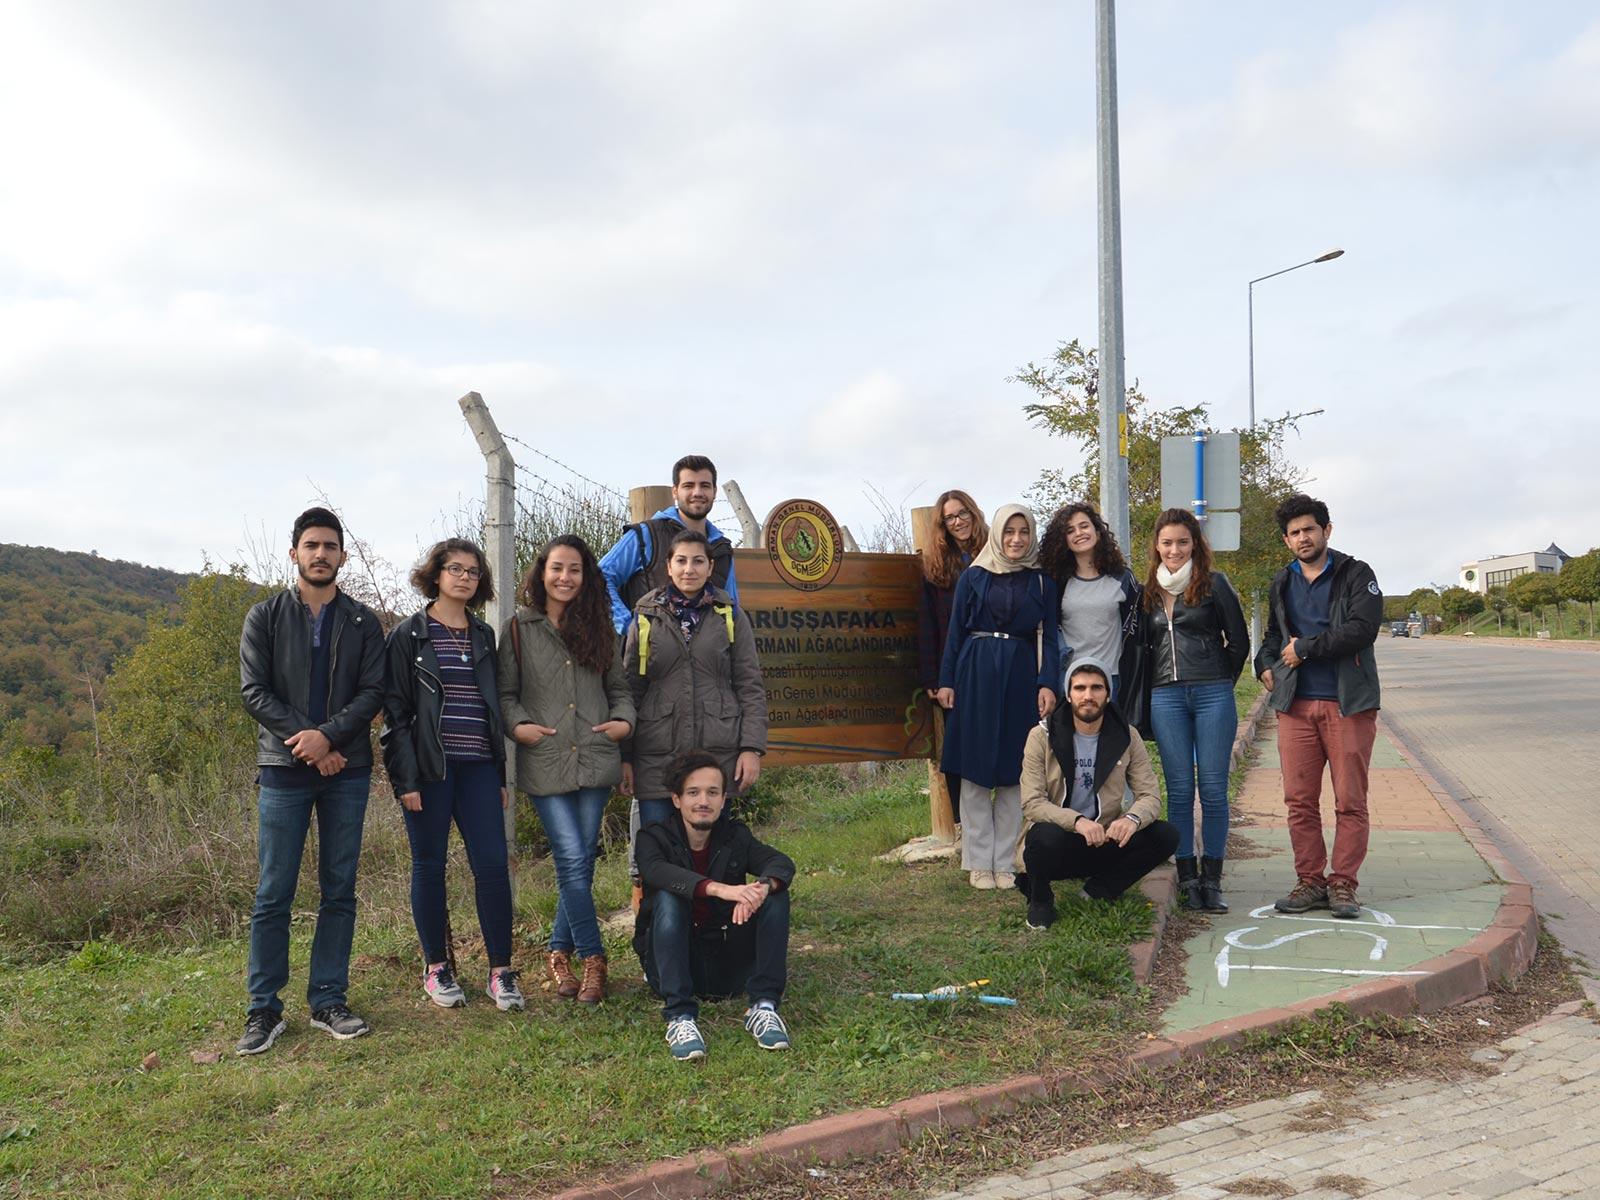 KOÜ öğrencileri Toplumsal Sorumluluk Projesi kapsamında, 'Ormanın Dili Y 5